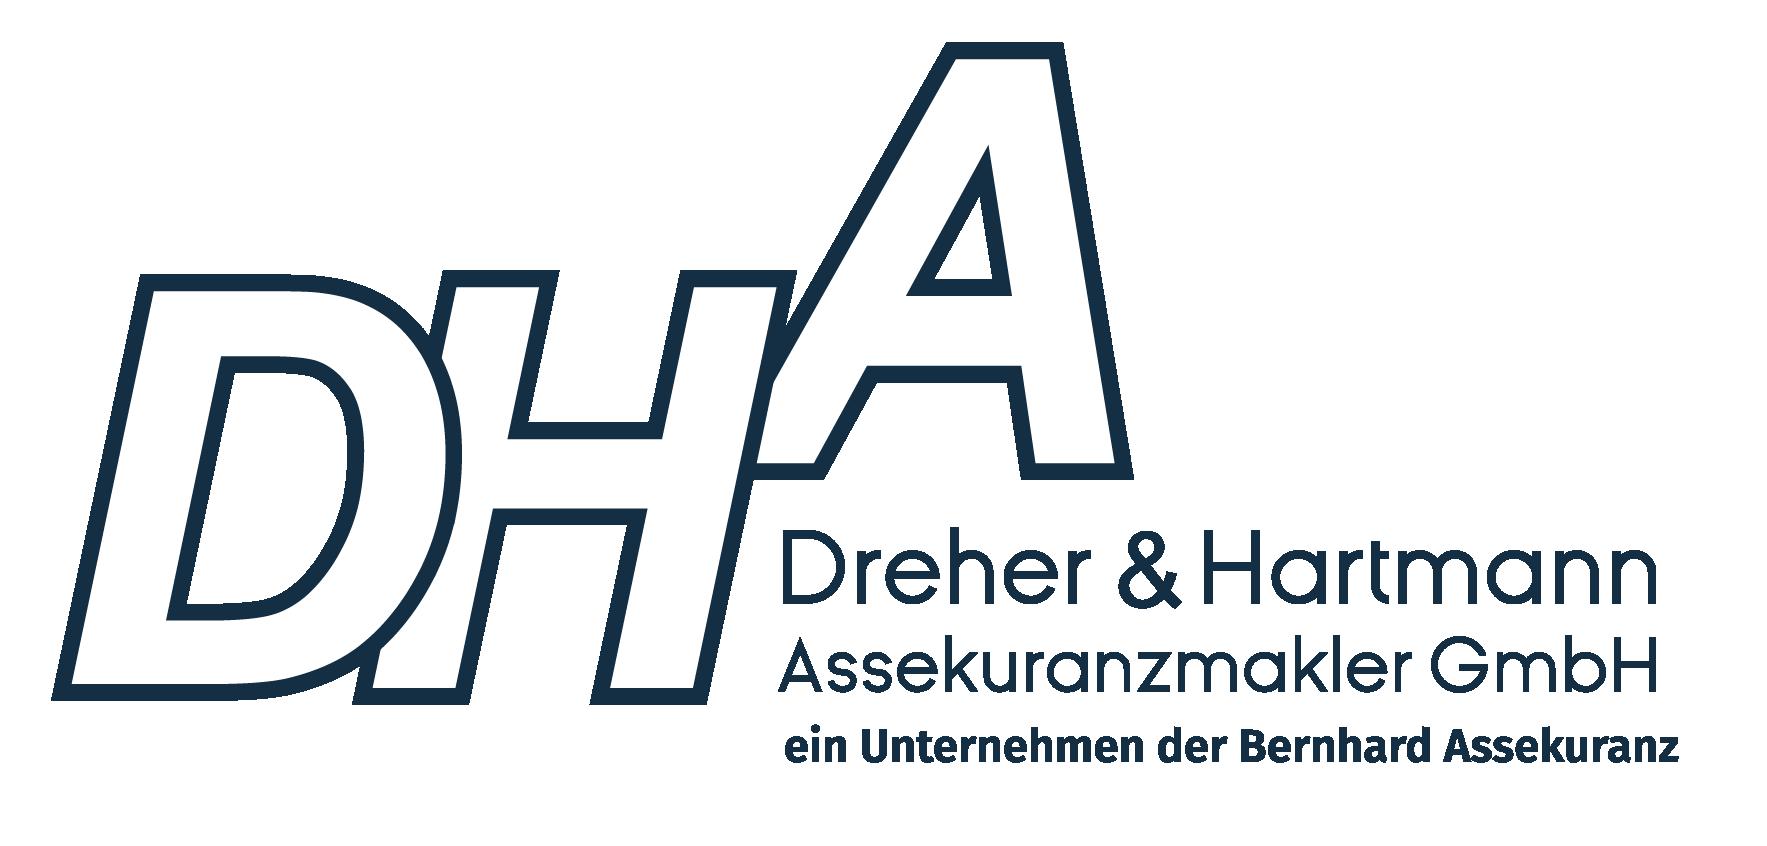 Dreher & Hartmann Assekuranzmakler GmbH